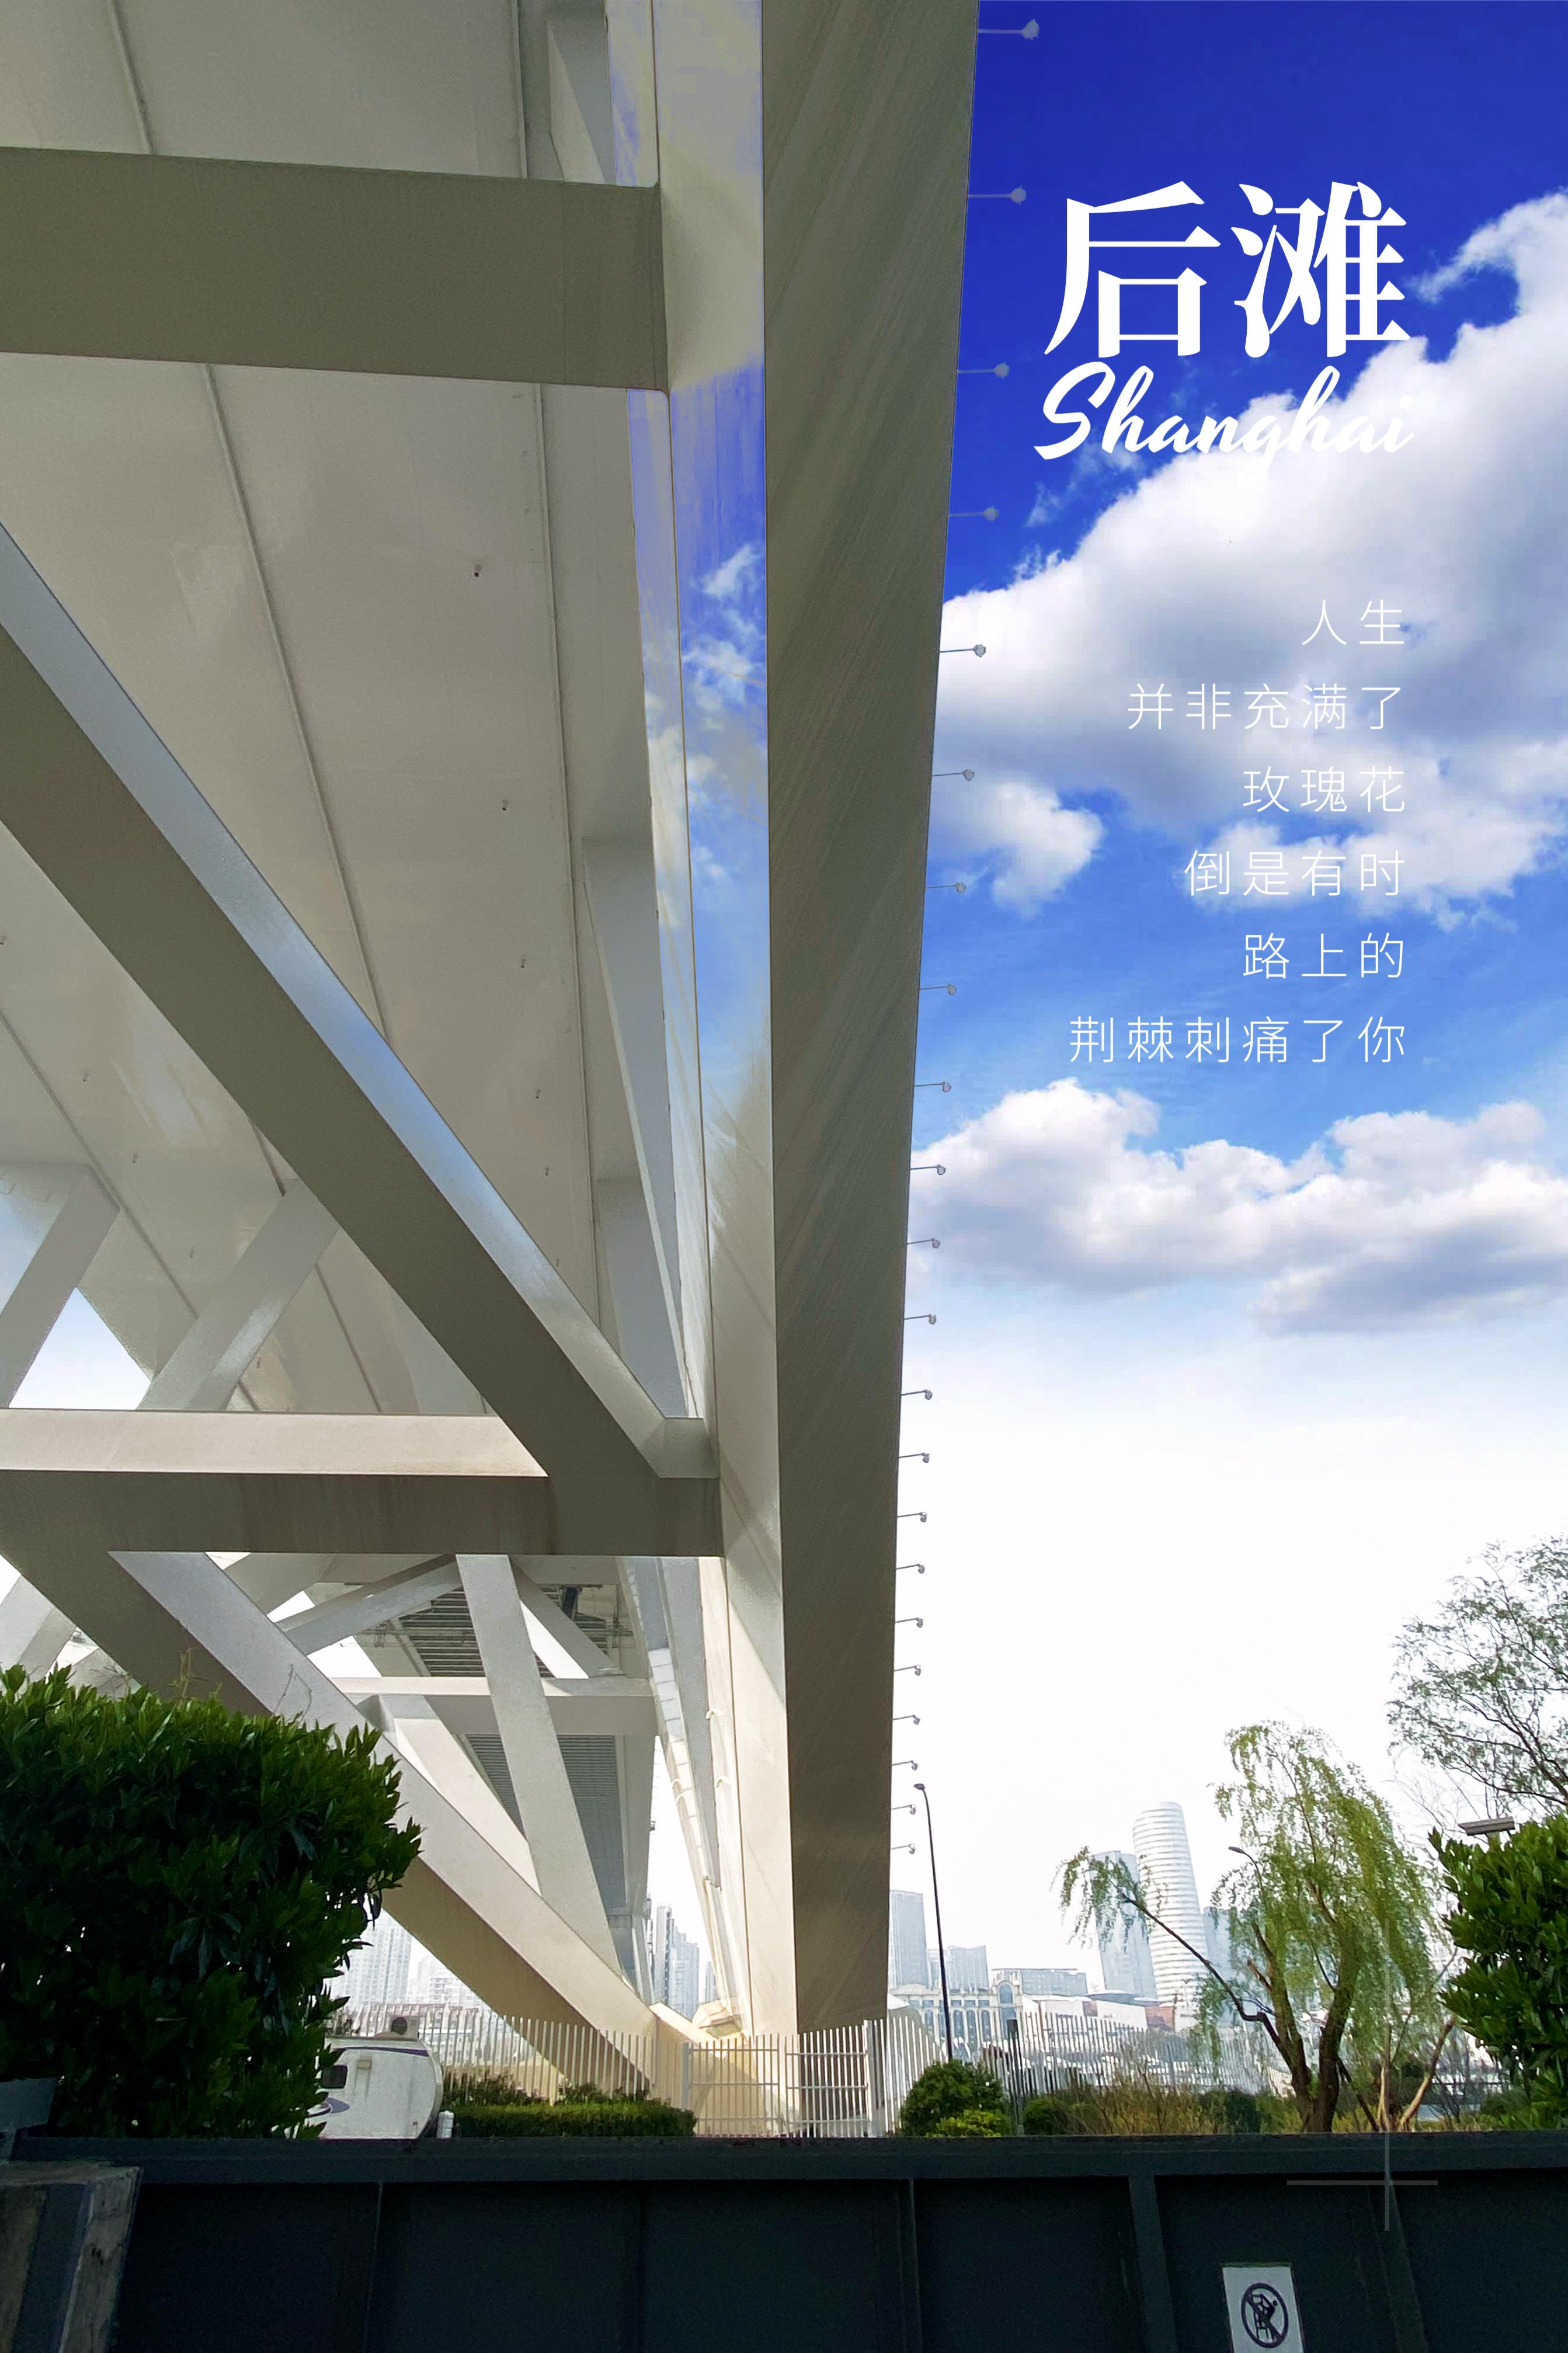 原创             没想到几千万人的上海,竟隐藏着如此世外桃源的地方,还不收门票